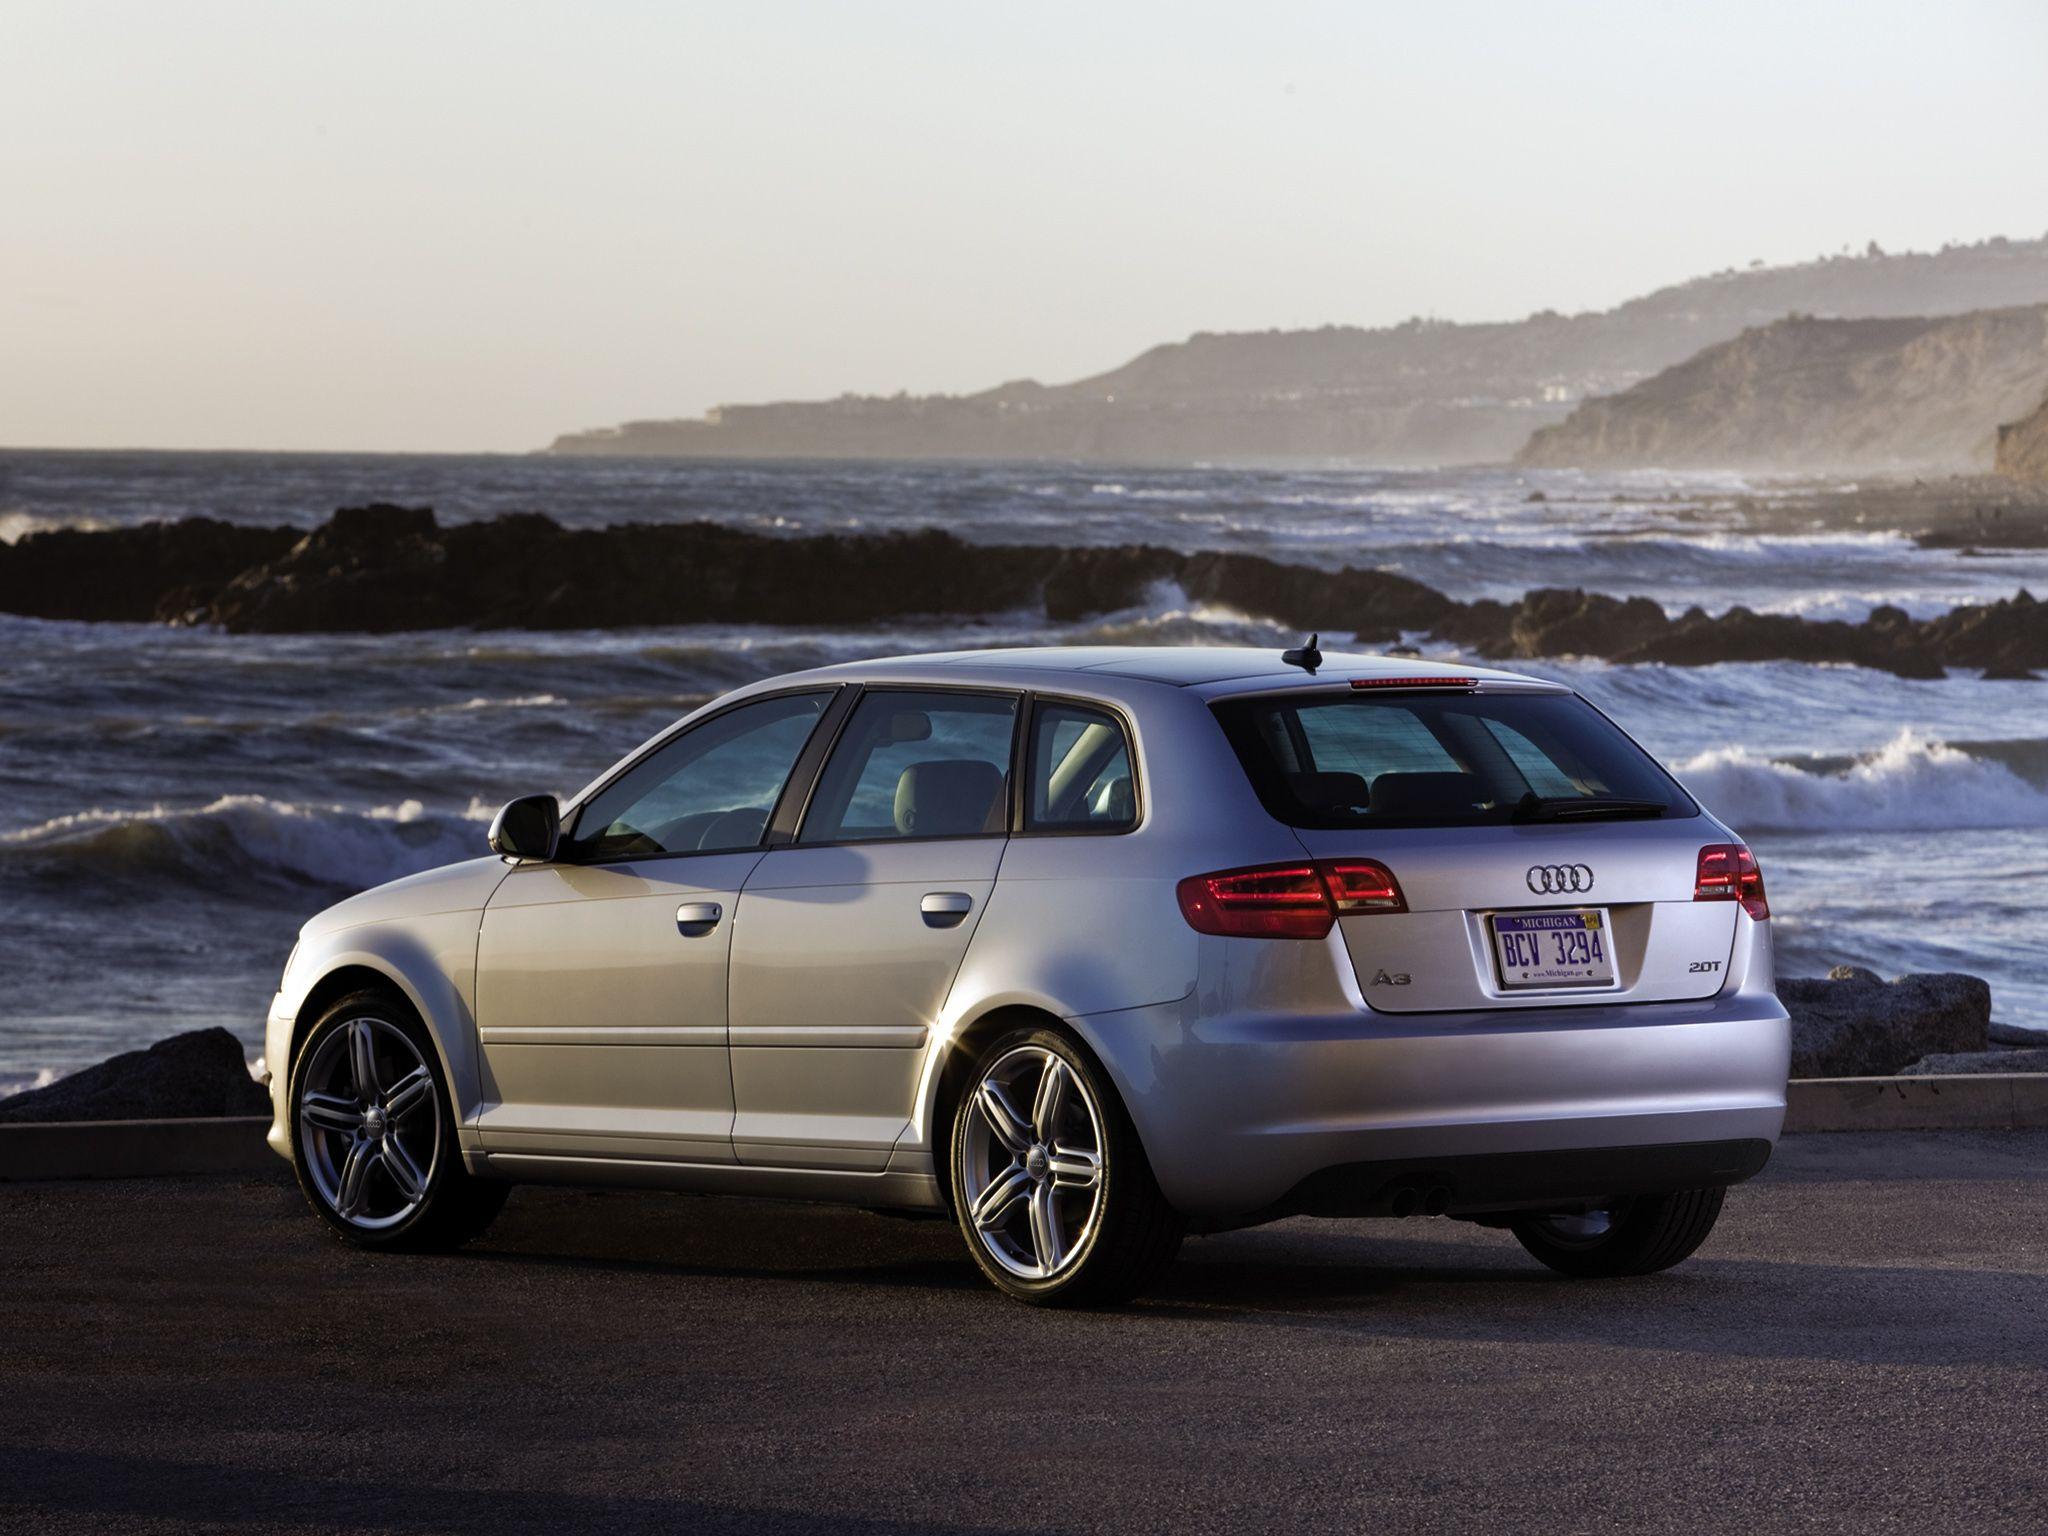 2010 audi a3 sportback Audi A3 Sportback 2.0T USspec